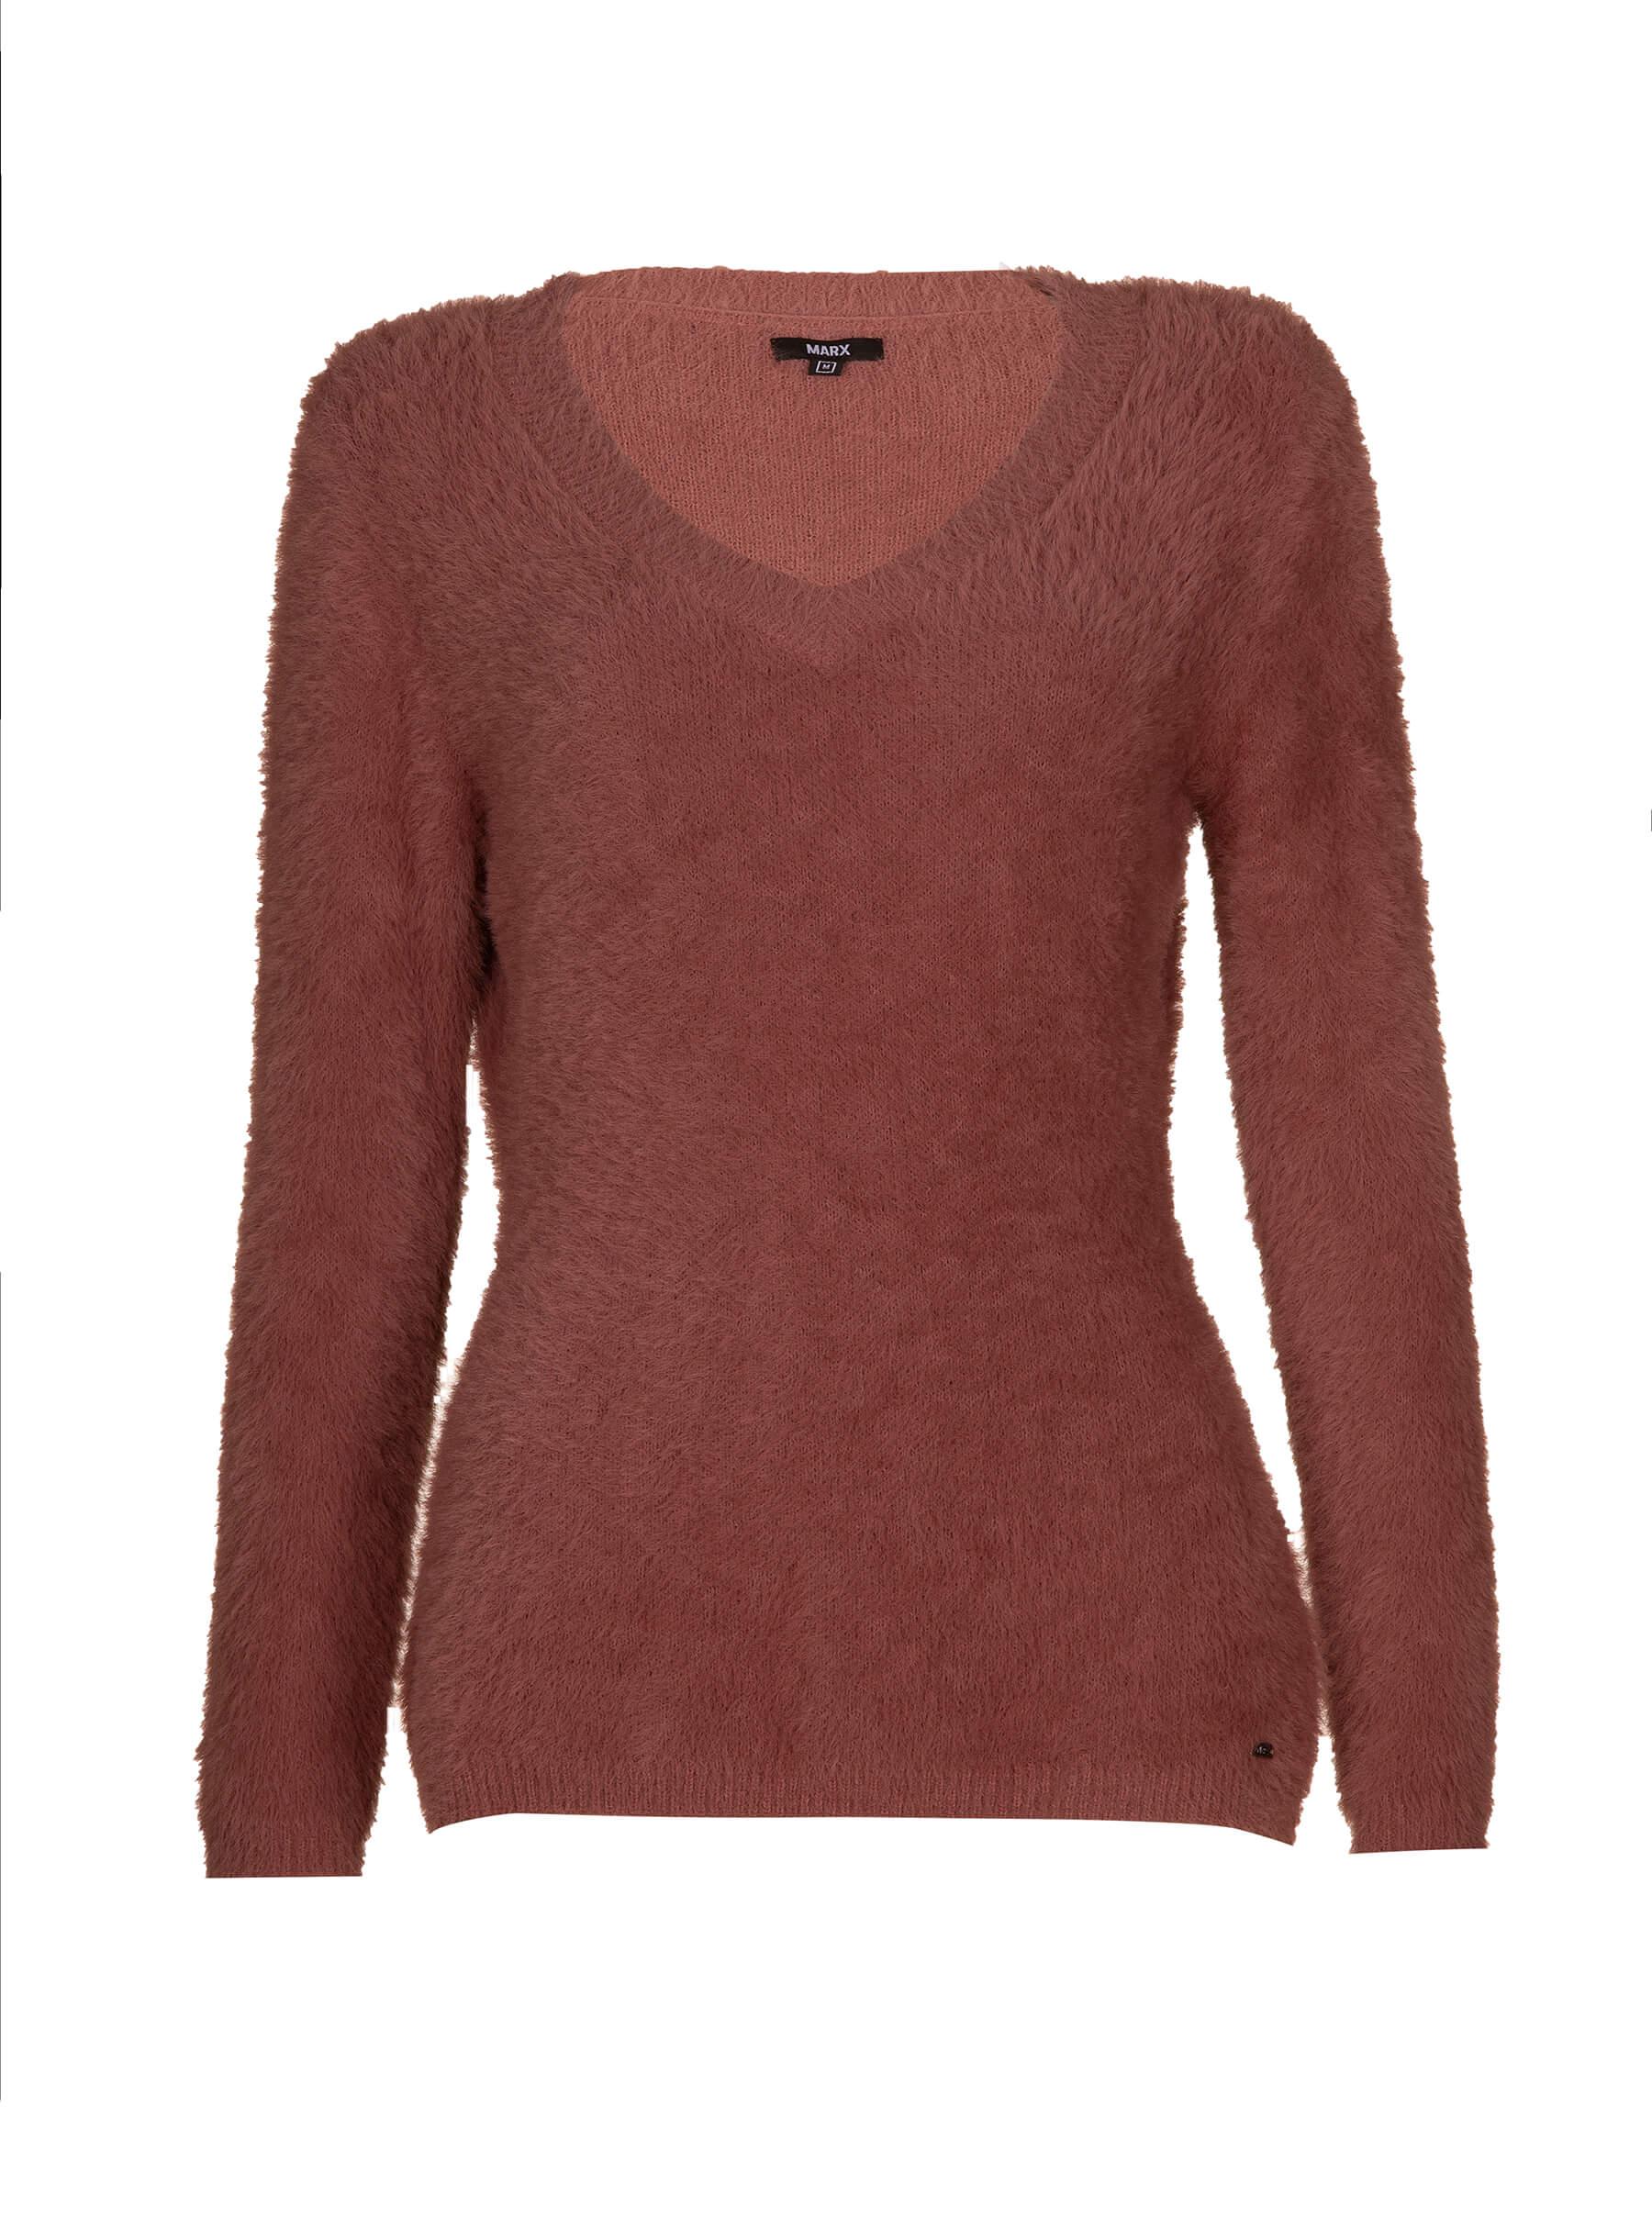 Marx pulover: redovna cijena 319 hrk -50% popusta